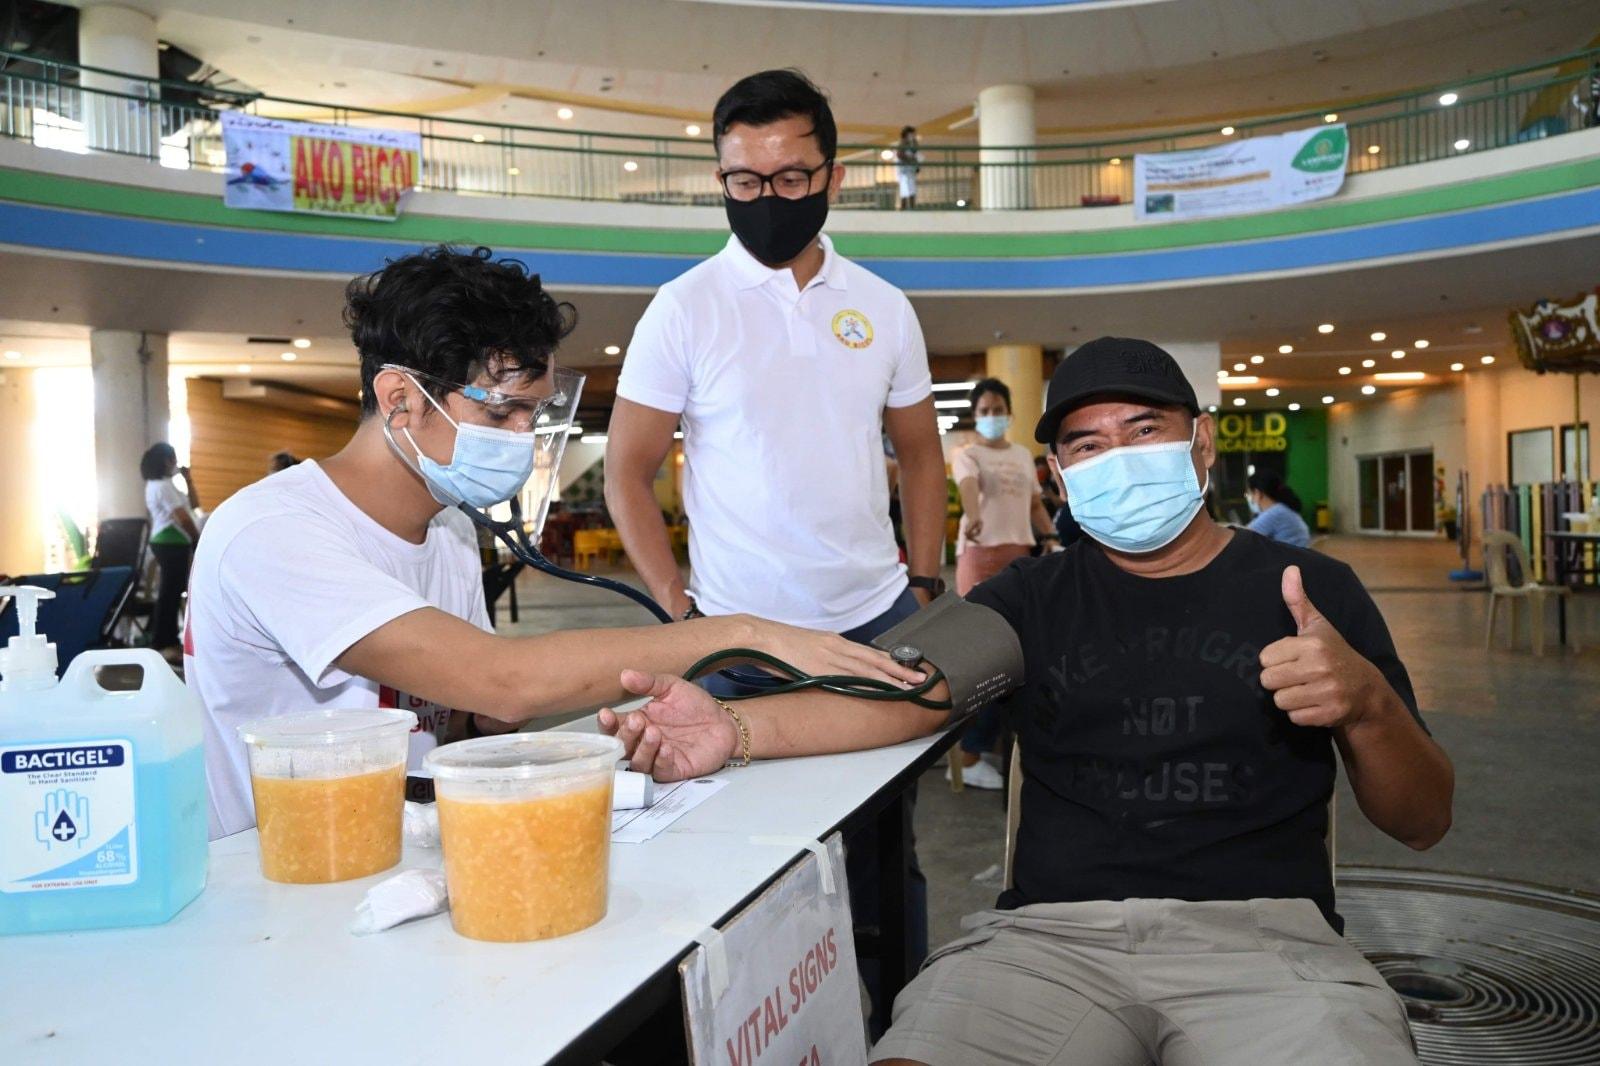 """Isinagawa ng Ako Bicol Partylist at Aksyon Co Center sa Celebration Plaza, Embarcadero de Legazpi ang Mobile Blood Donation na may temang """"Give Blood, Save Lives"""" sa pakikipagtulungan sa Department of Health (DOH) at Tau Gamma Sigma- Triskelion."""